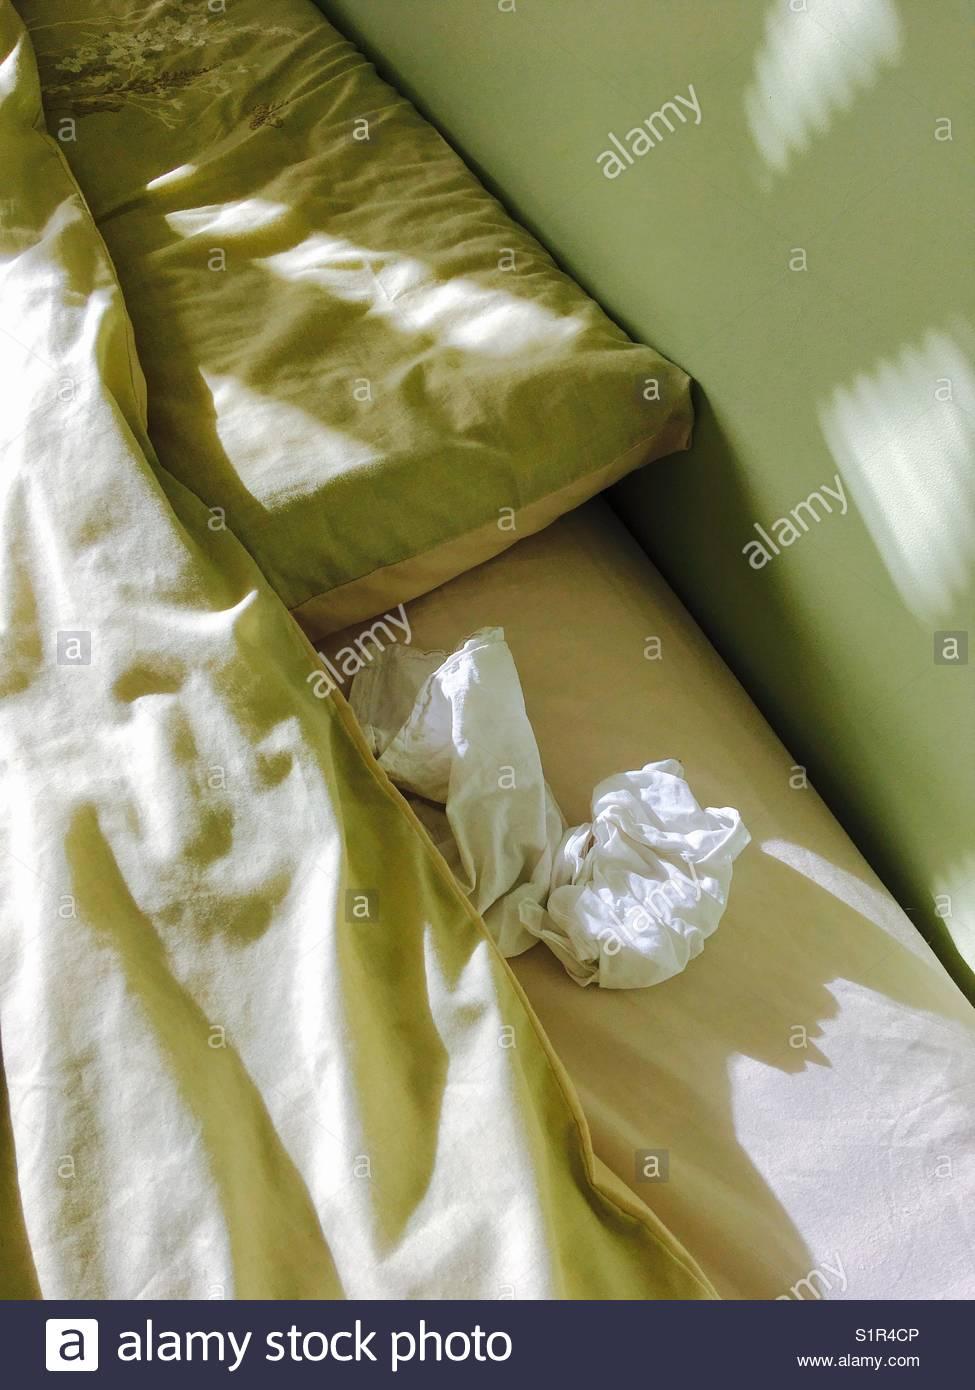 Crumpled cuscino e lenzuola con fazzoletto spiegazzato Immagini Stock